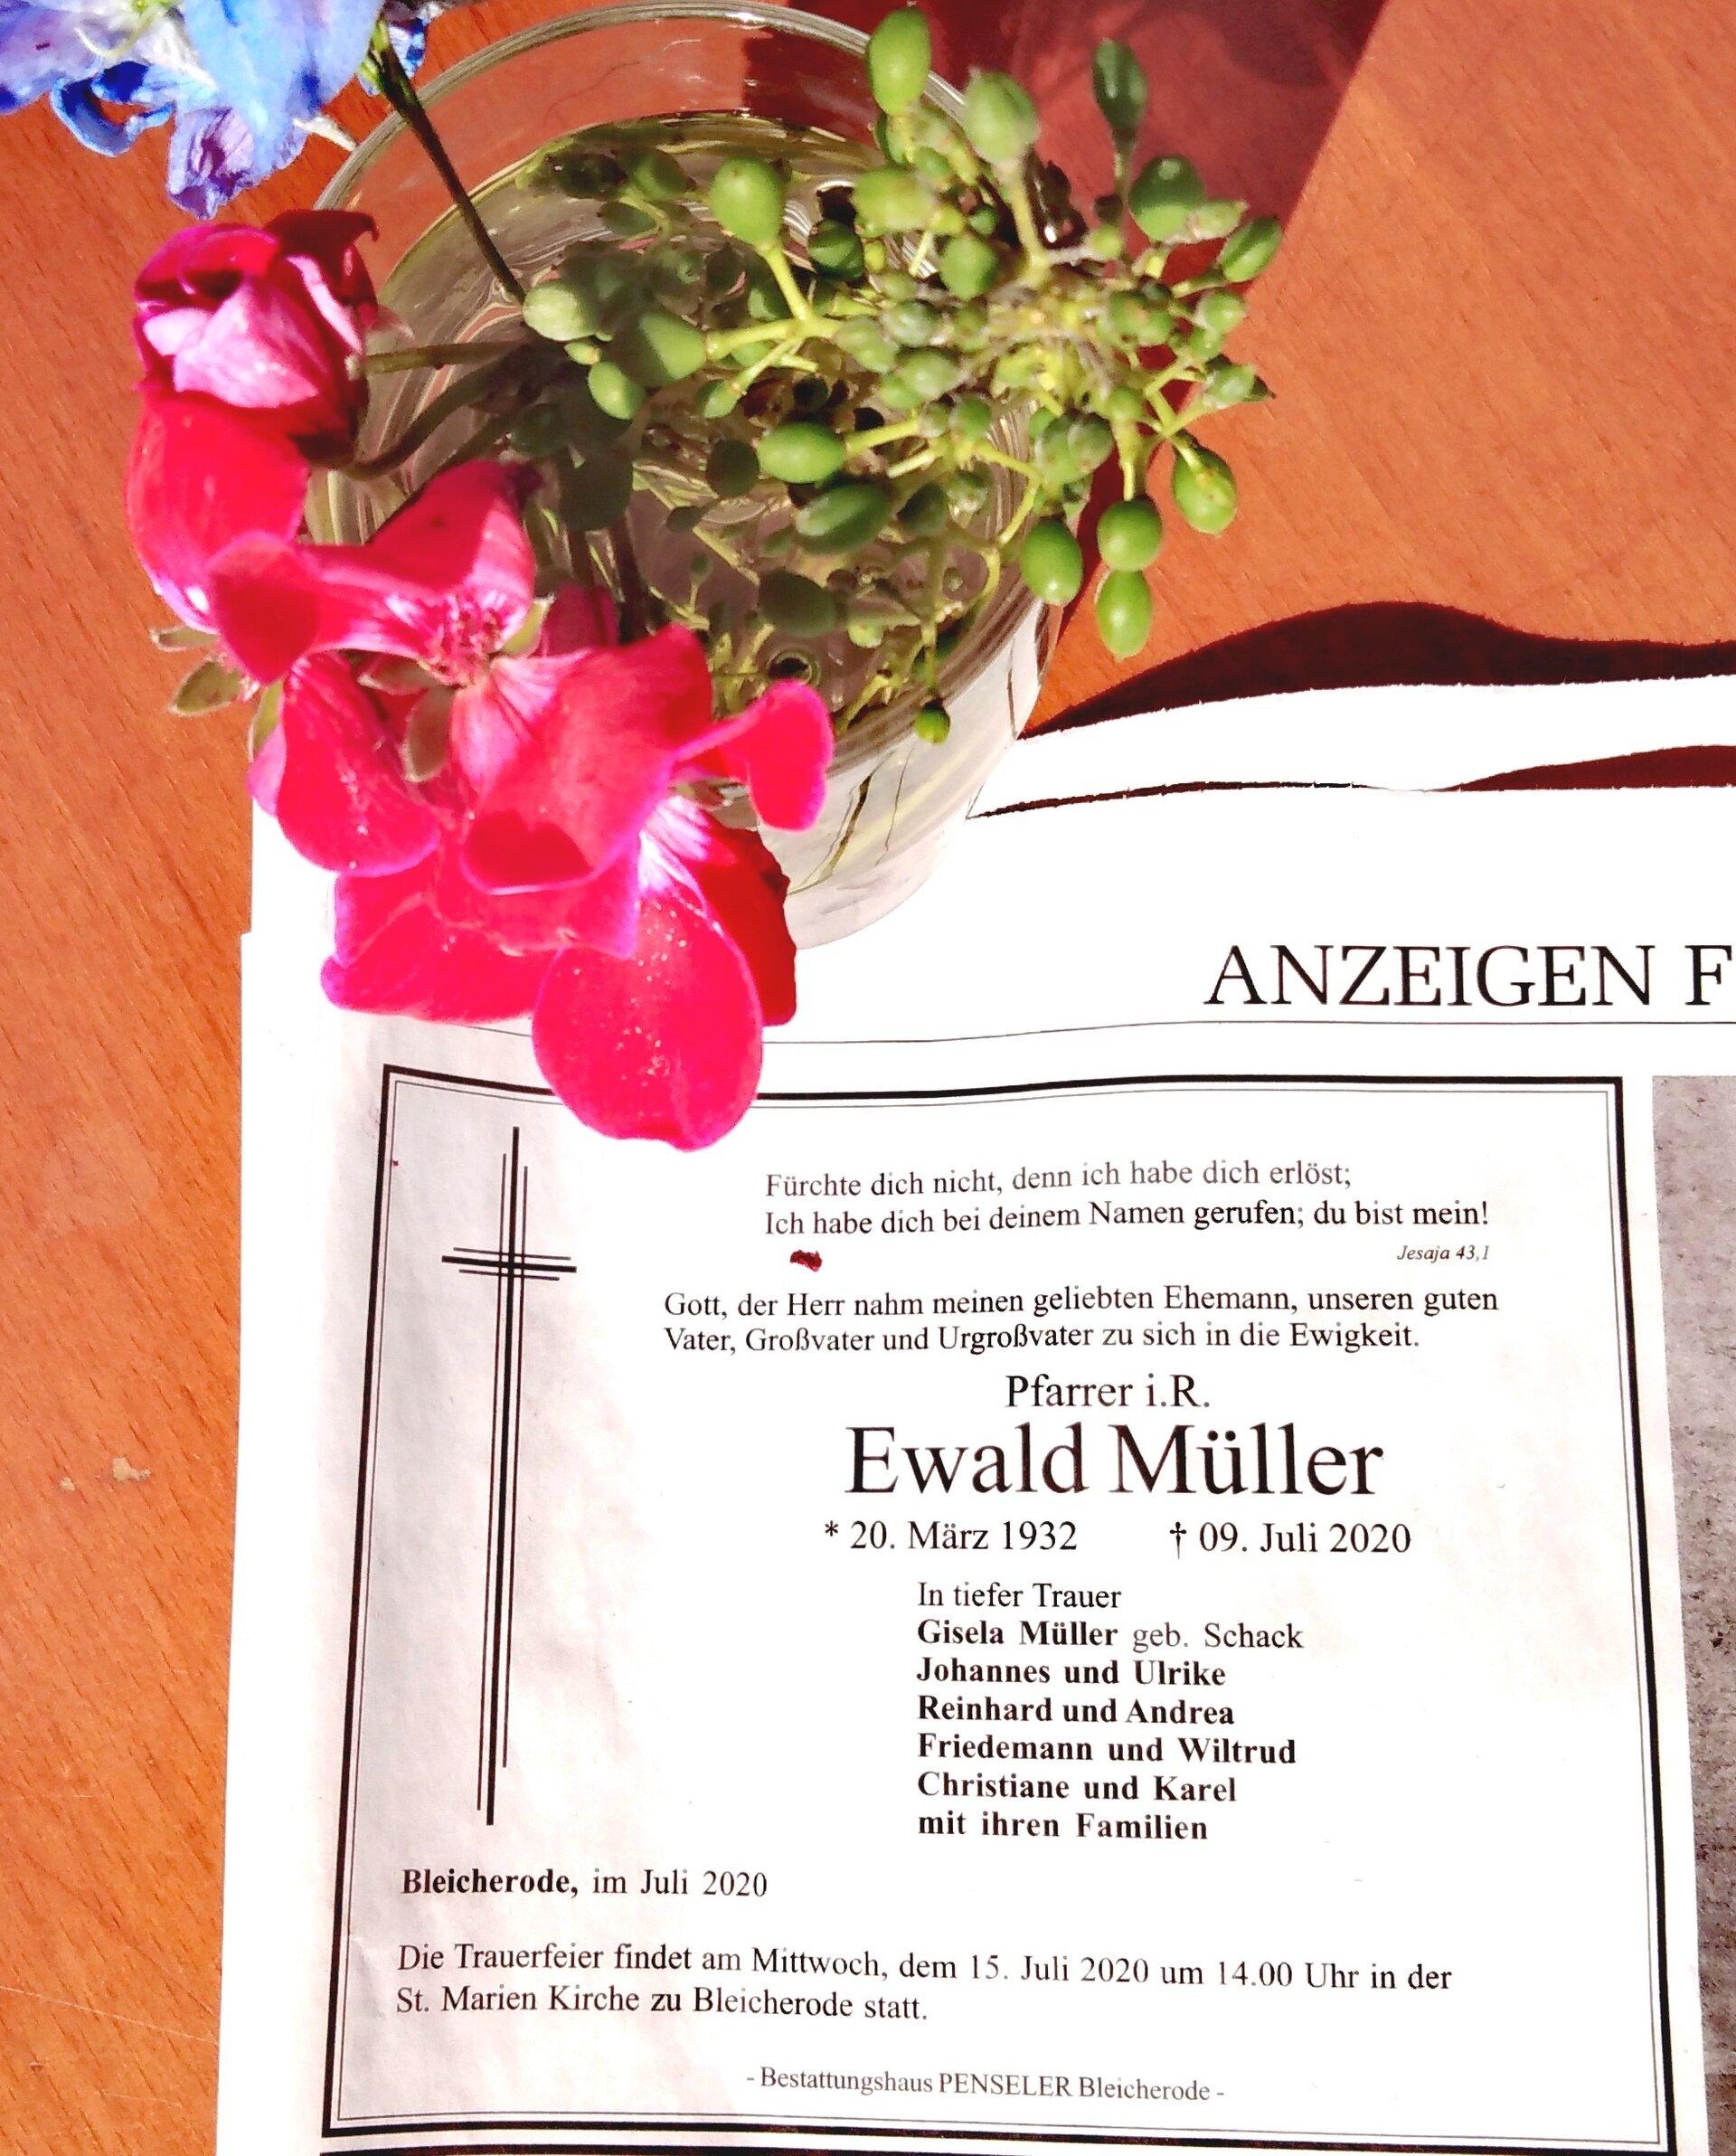 Pfarrer Ewald Müller